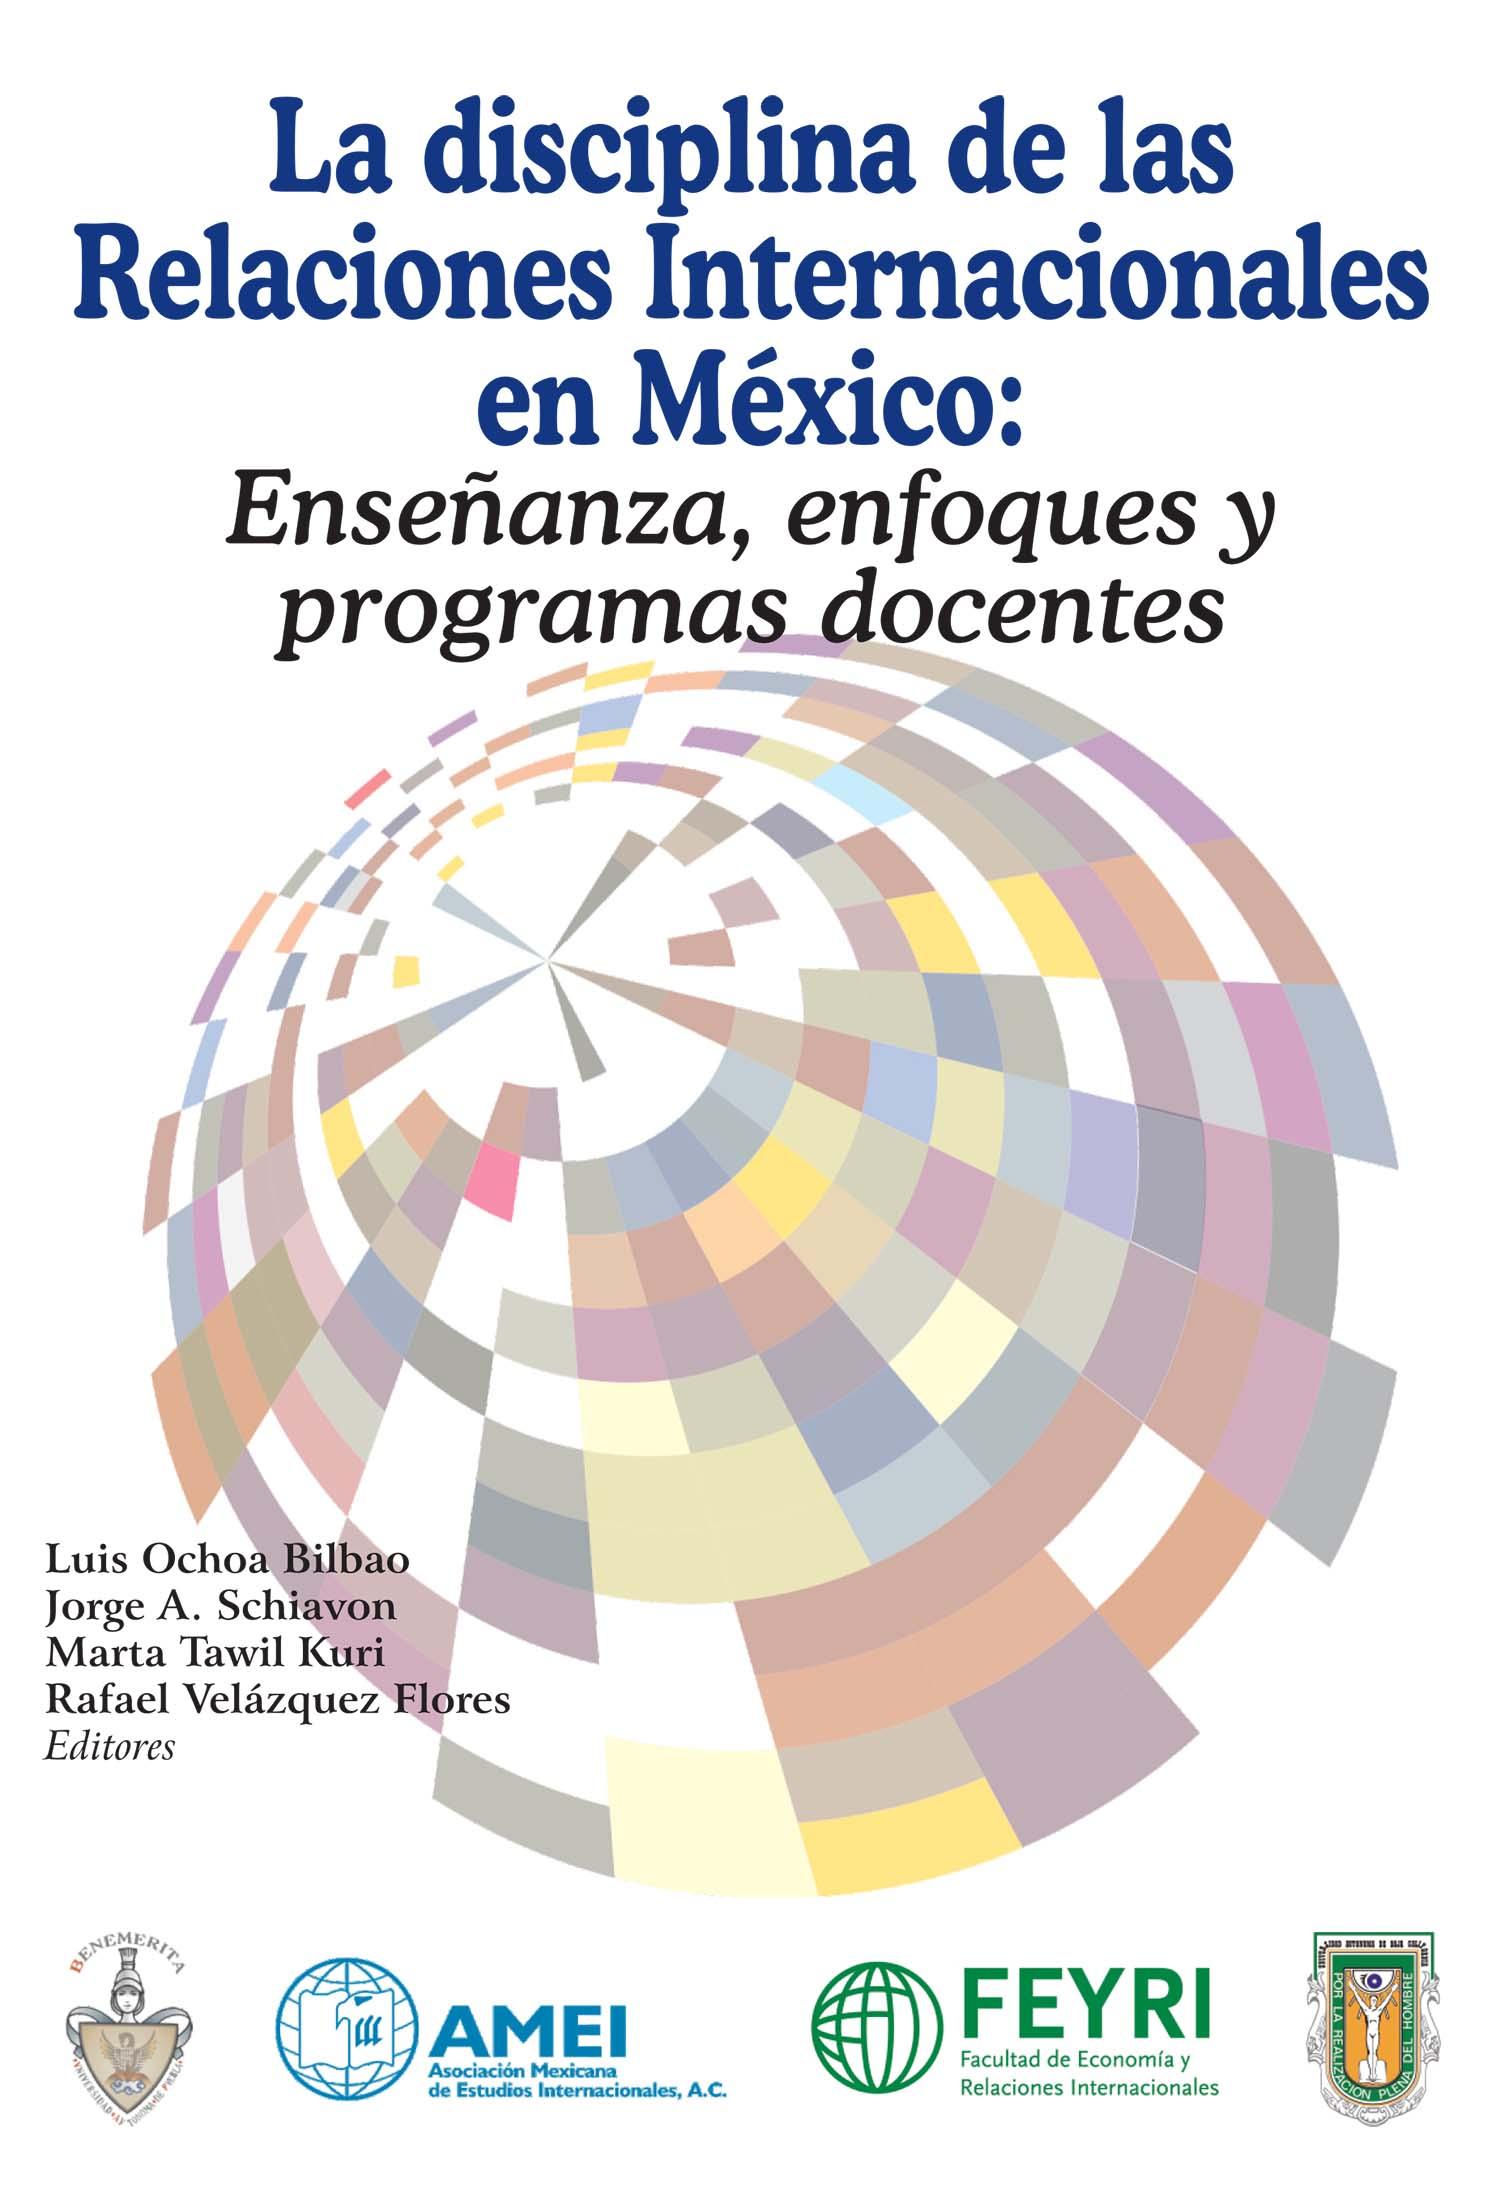 La Disciplina de las Relaciones Internacionales en México: Enseñanza, Enfoques y Programas Docentes Book Cover